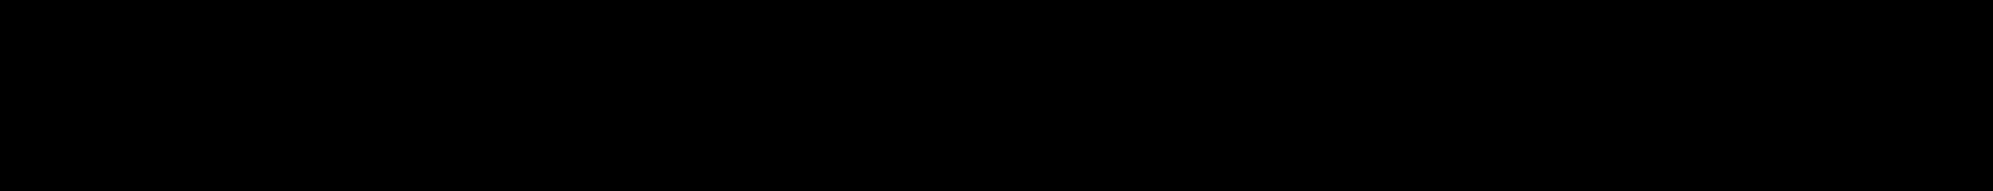 Design System G 300I